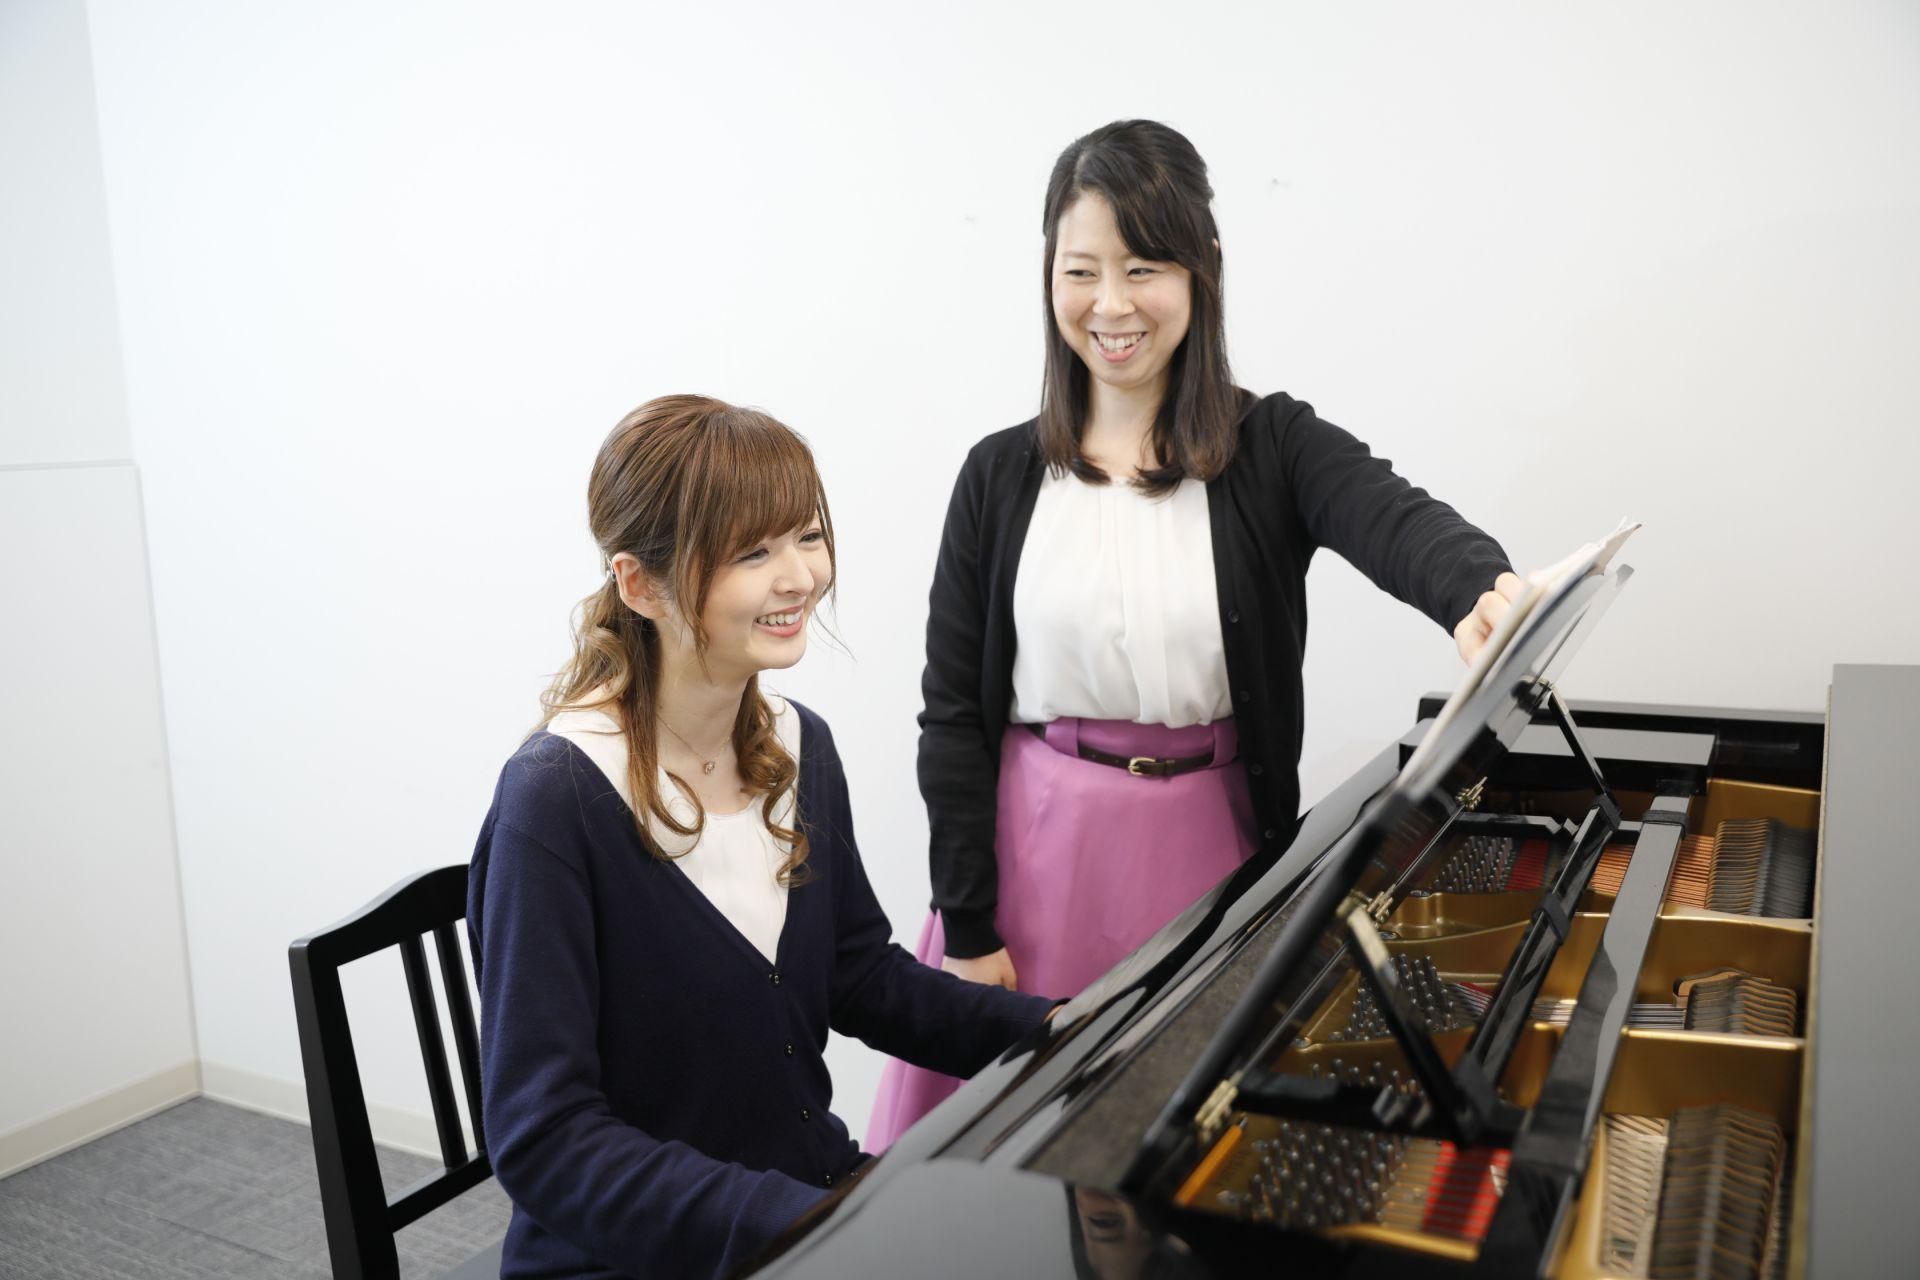 春日部 野田 短期レッスン 体験 レッスン  音楽教室